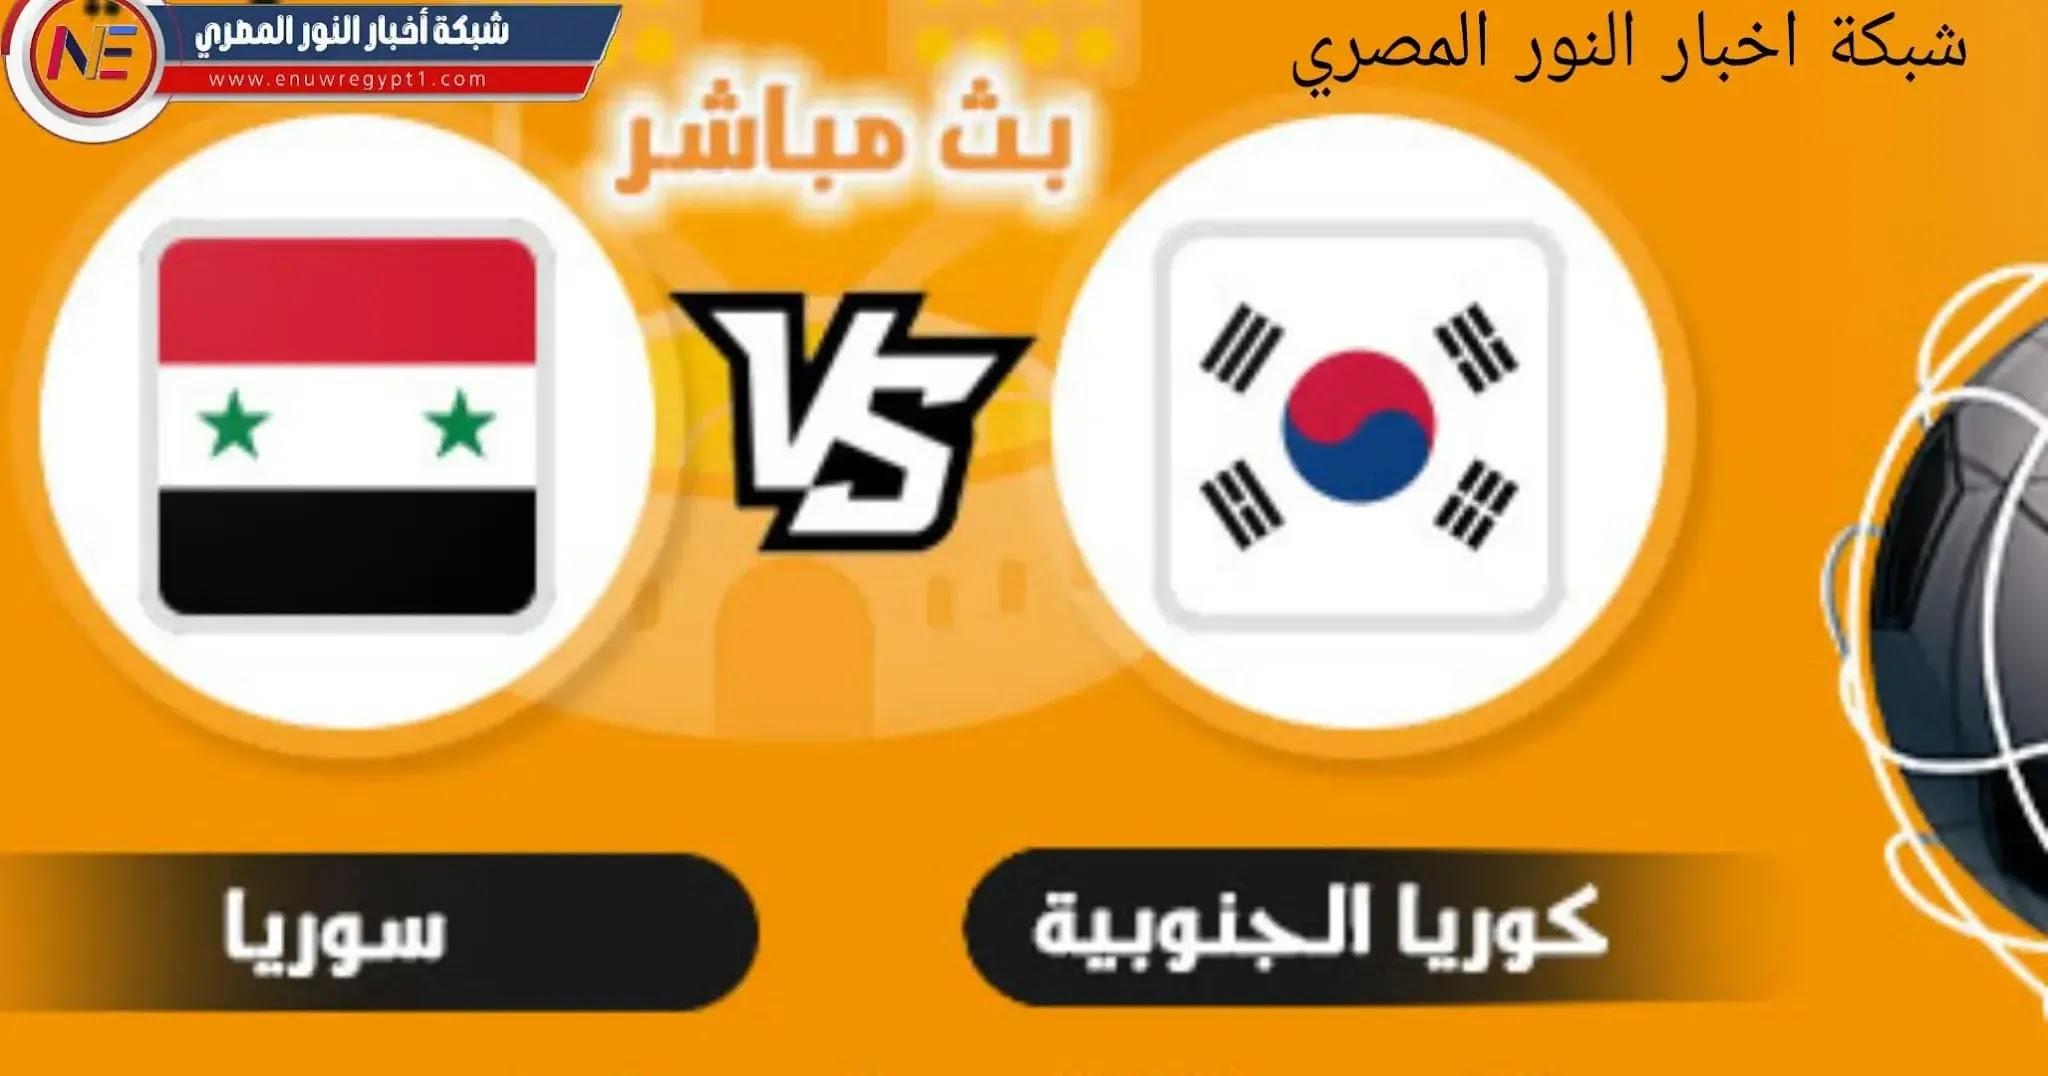 يلا شوت بث مباشر يوتيوب.. مشاهدة مباراة سوريا و كوريا الجنوبية بث مباشر اليوم 07-10-2021 في تصفيات كأس العالم بجودة عالية